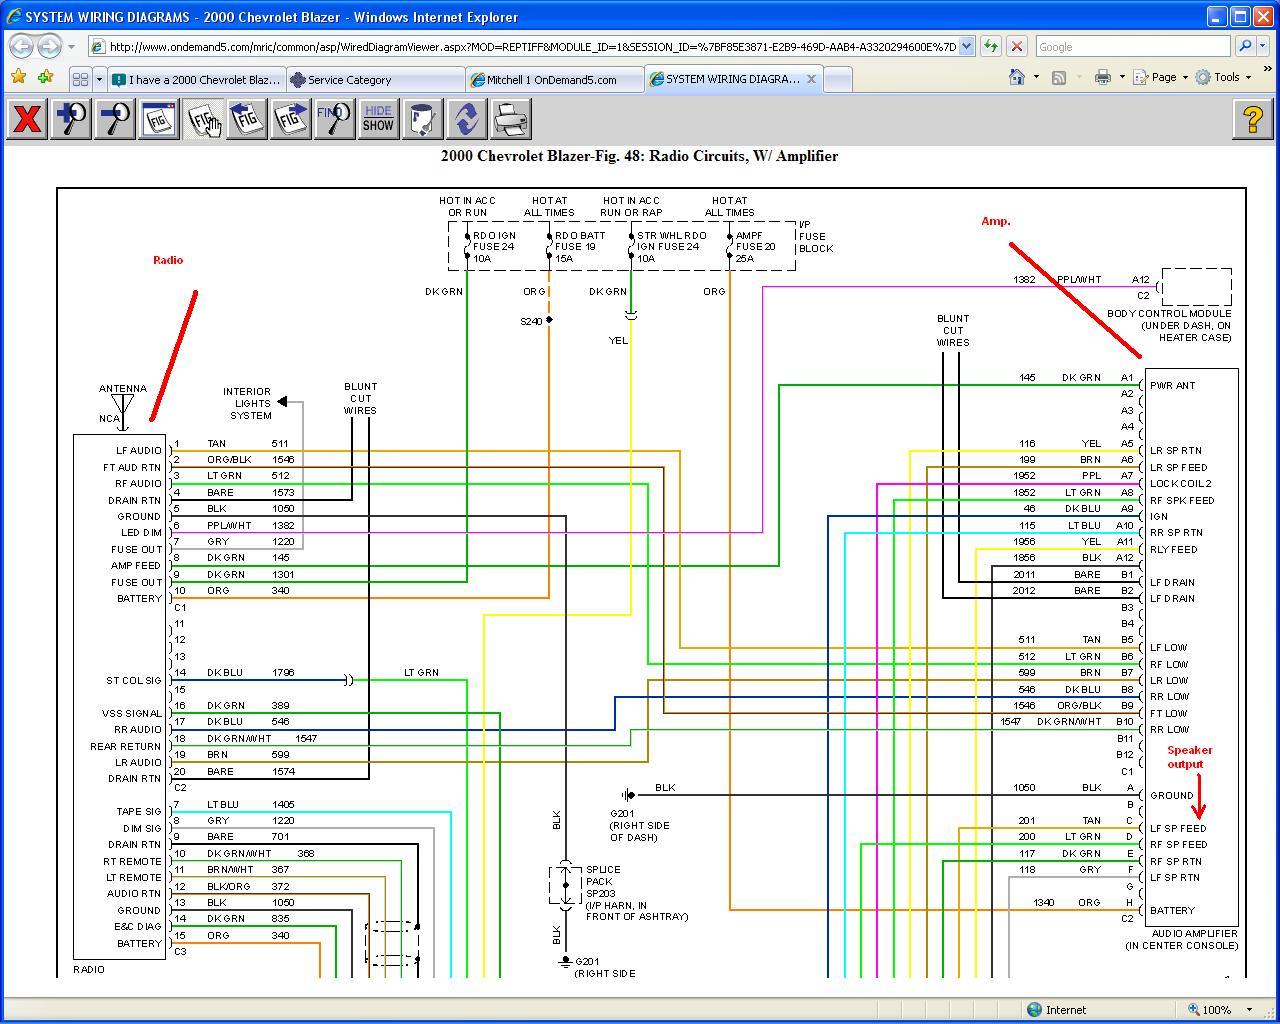 2011 Avalanche Wiring Diagram - Wiring Diagrams Schematics